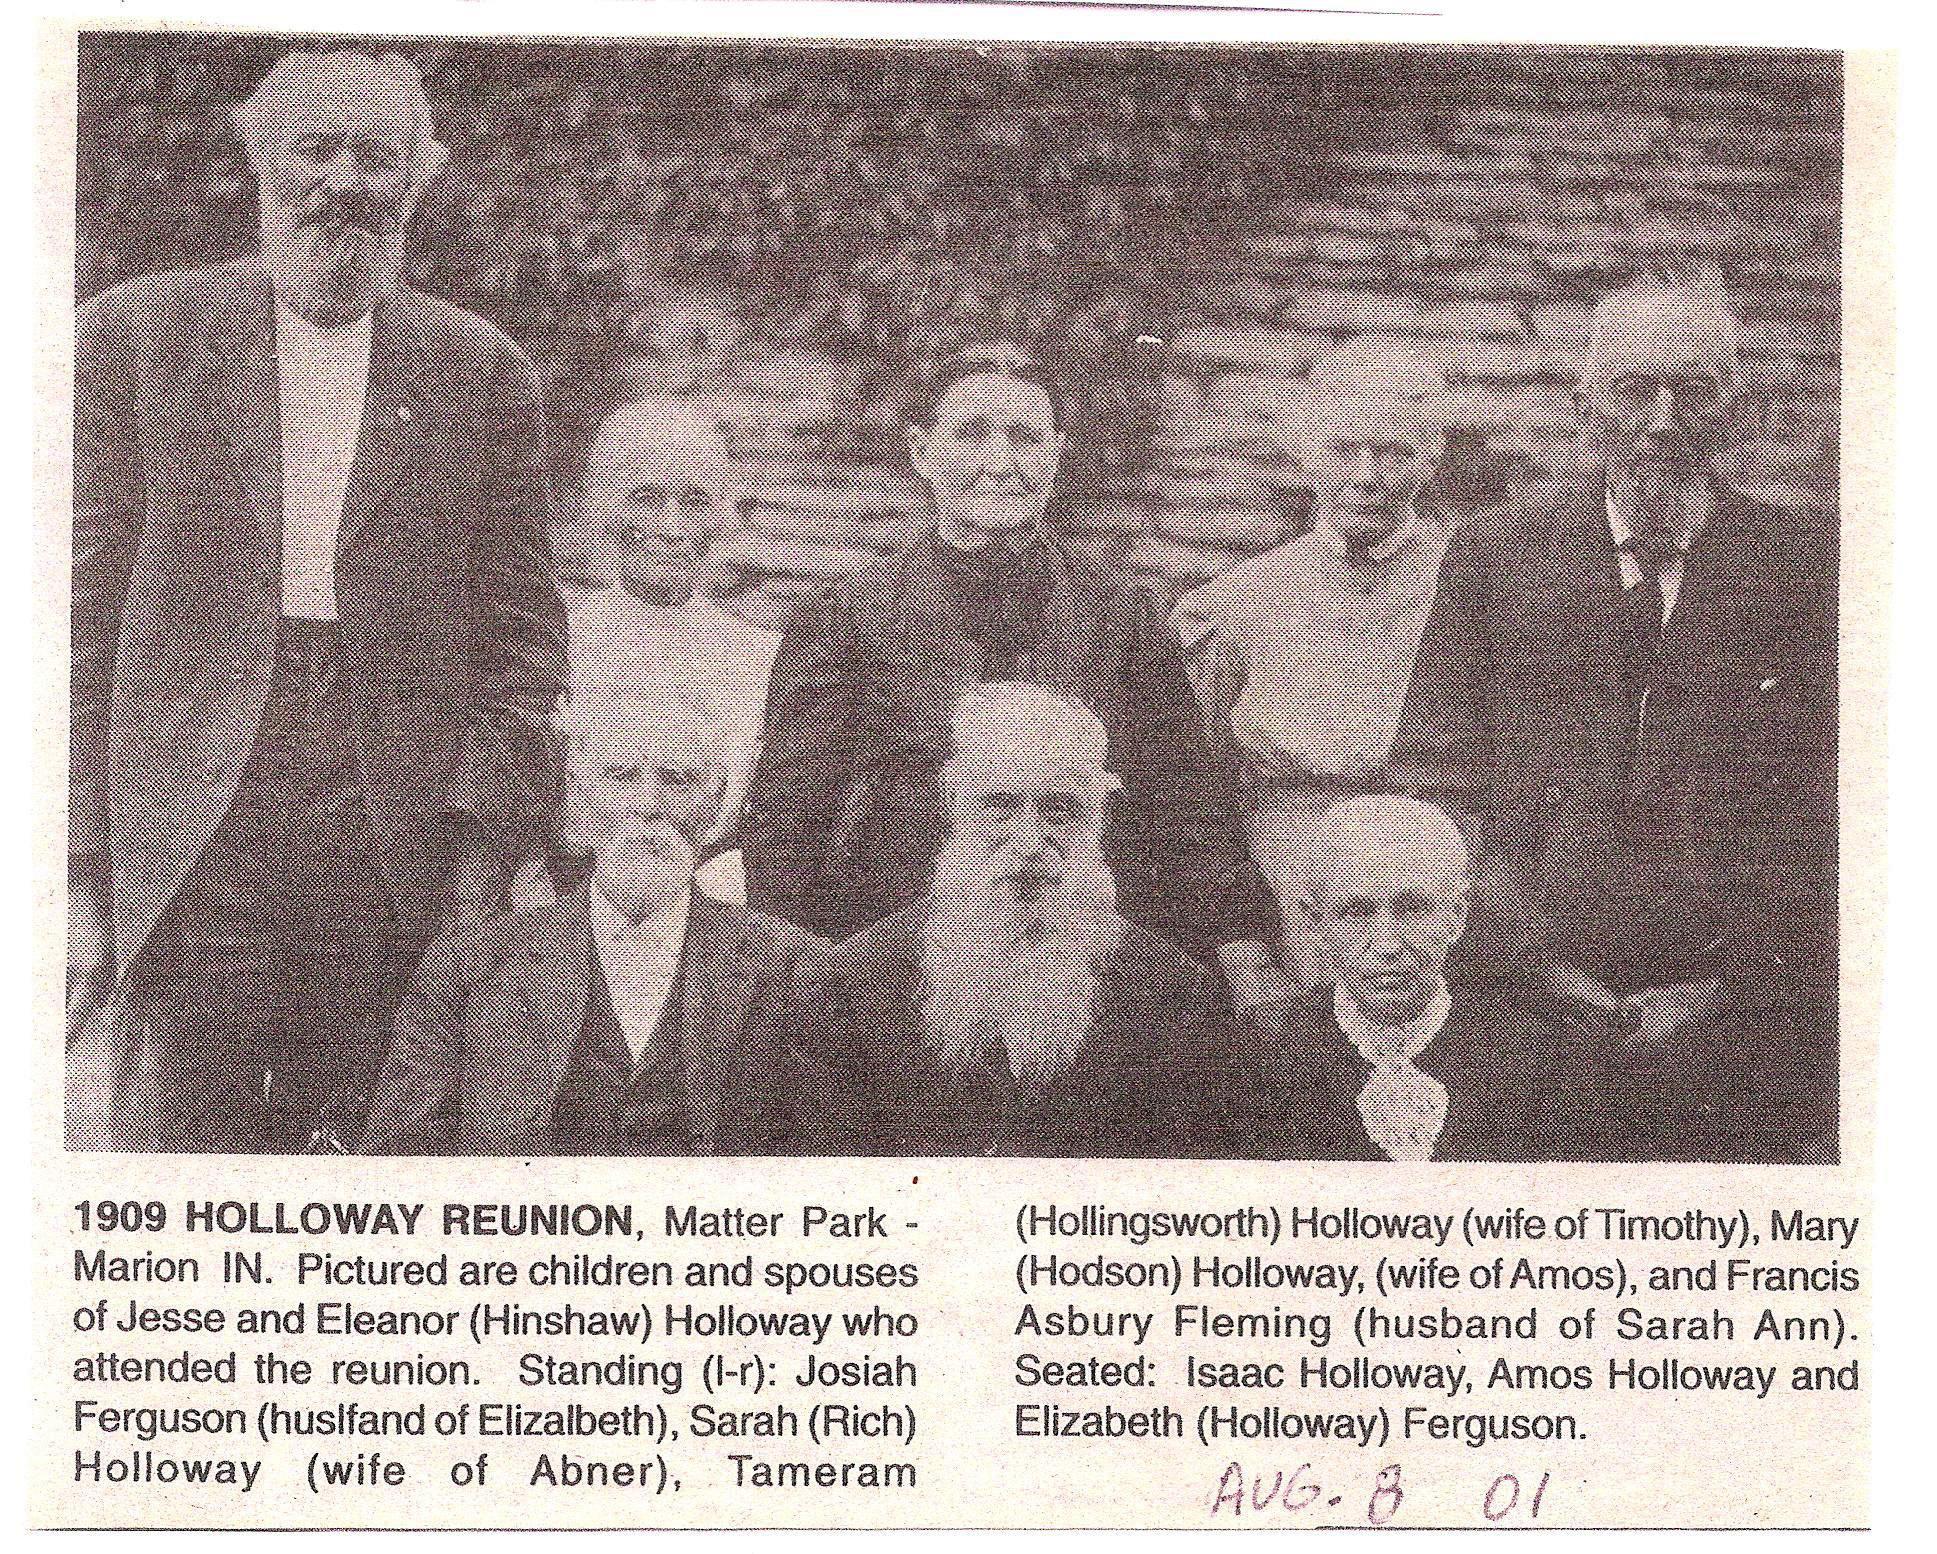 1909 Holloway Reunion